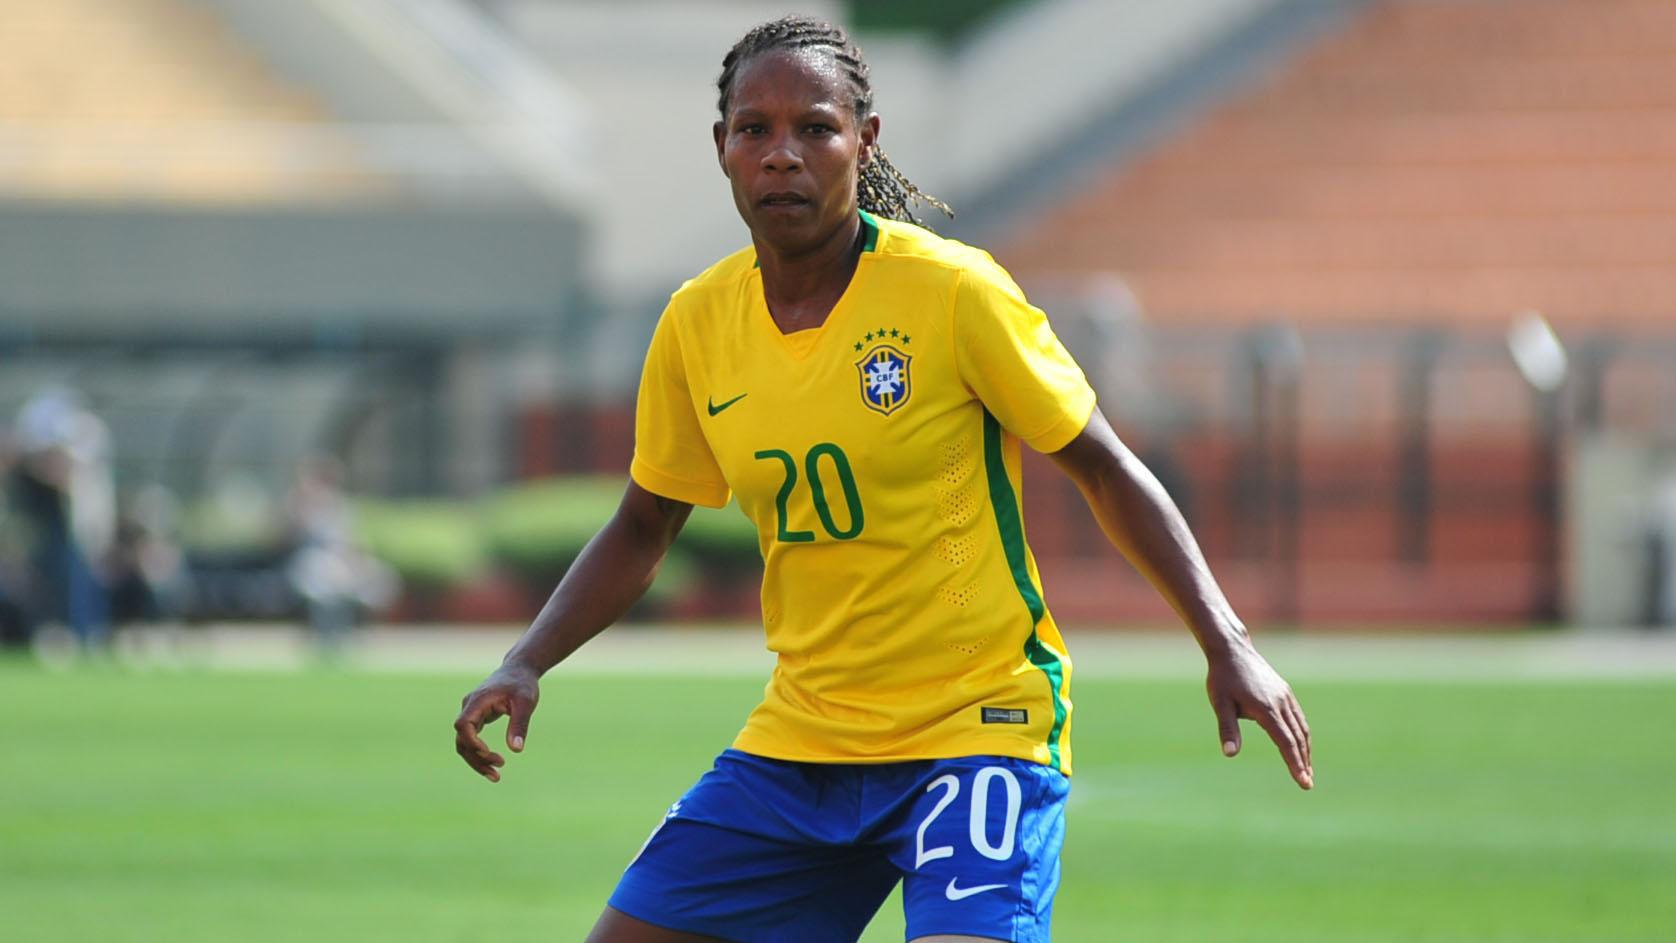 Formiga se tornou a primeira mulher a disputar seis Olimpíadas pelo Brasil. FOTO: Gazeta